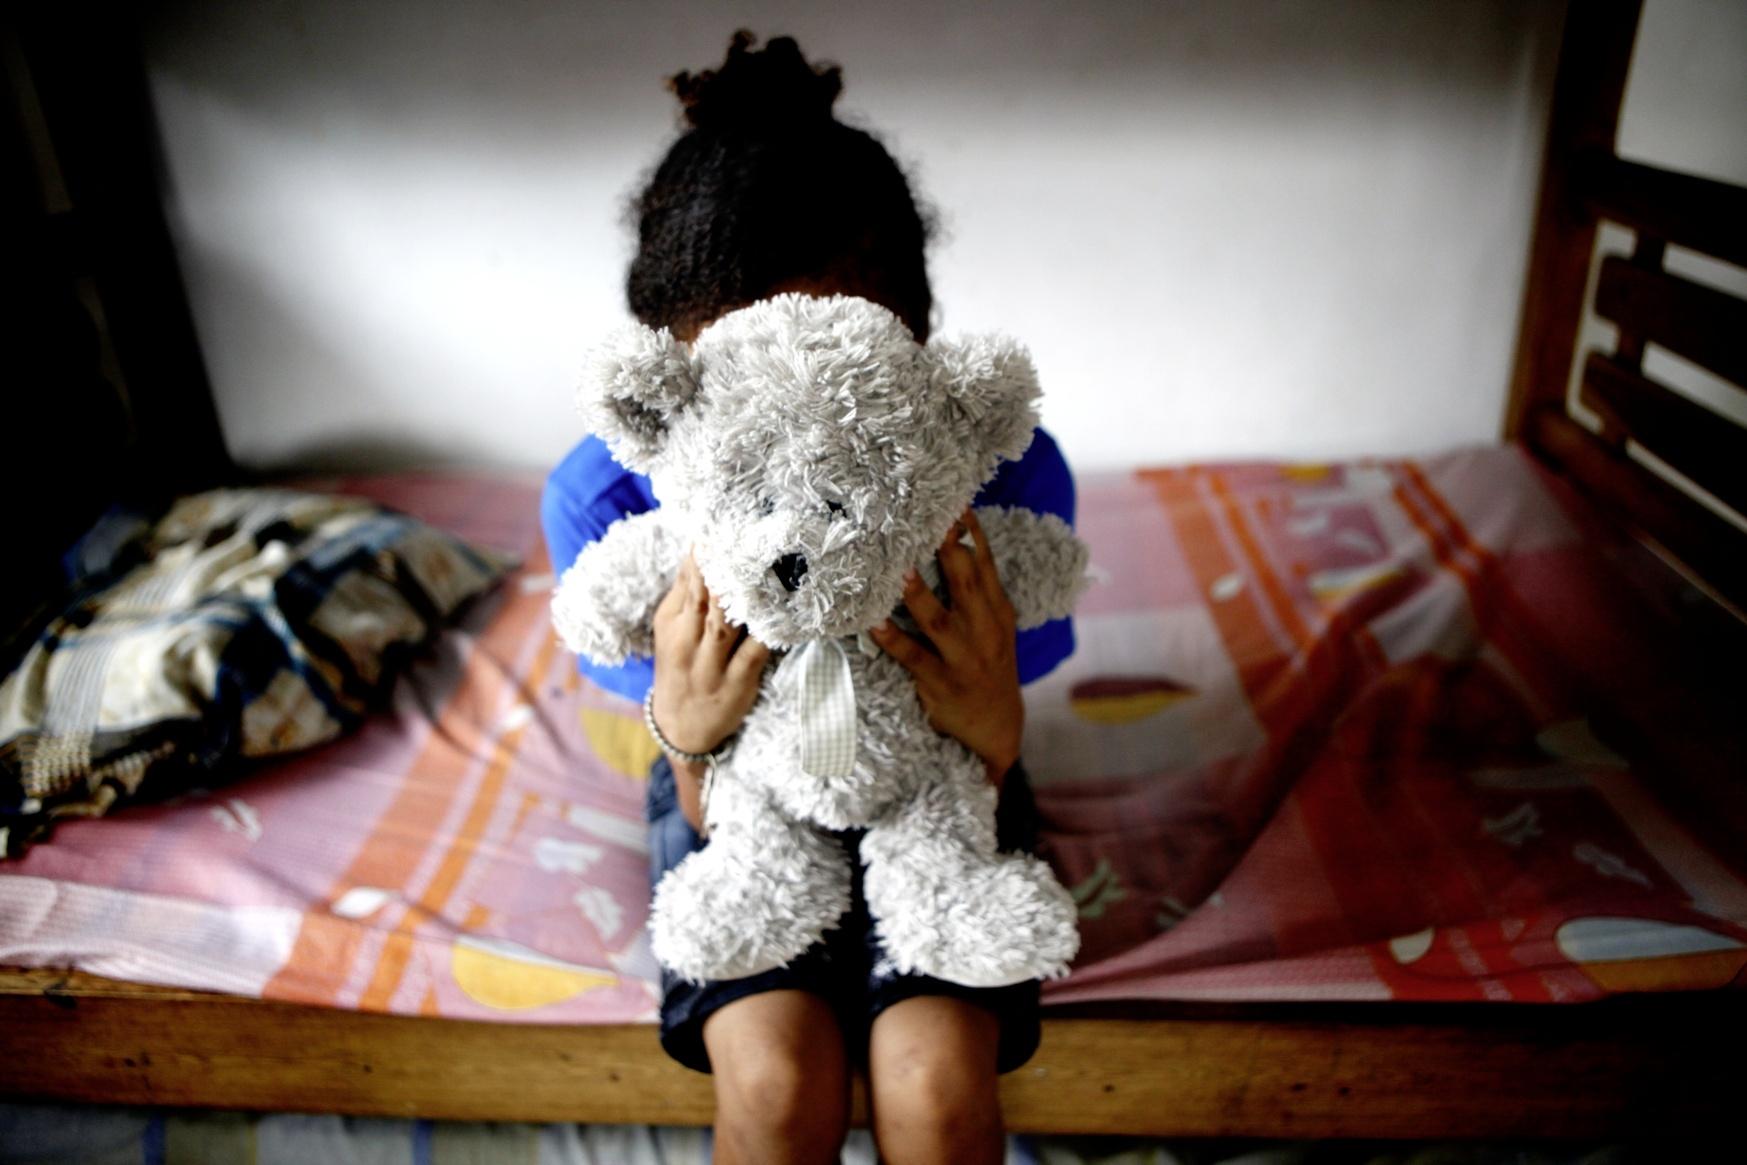 La explotación sexual infantil: cómo acabar con una vida